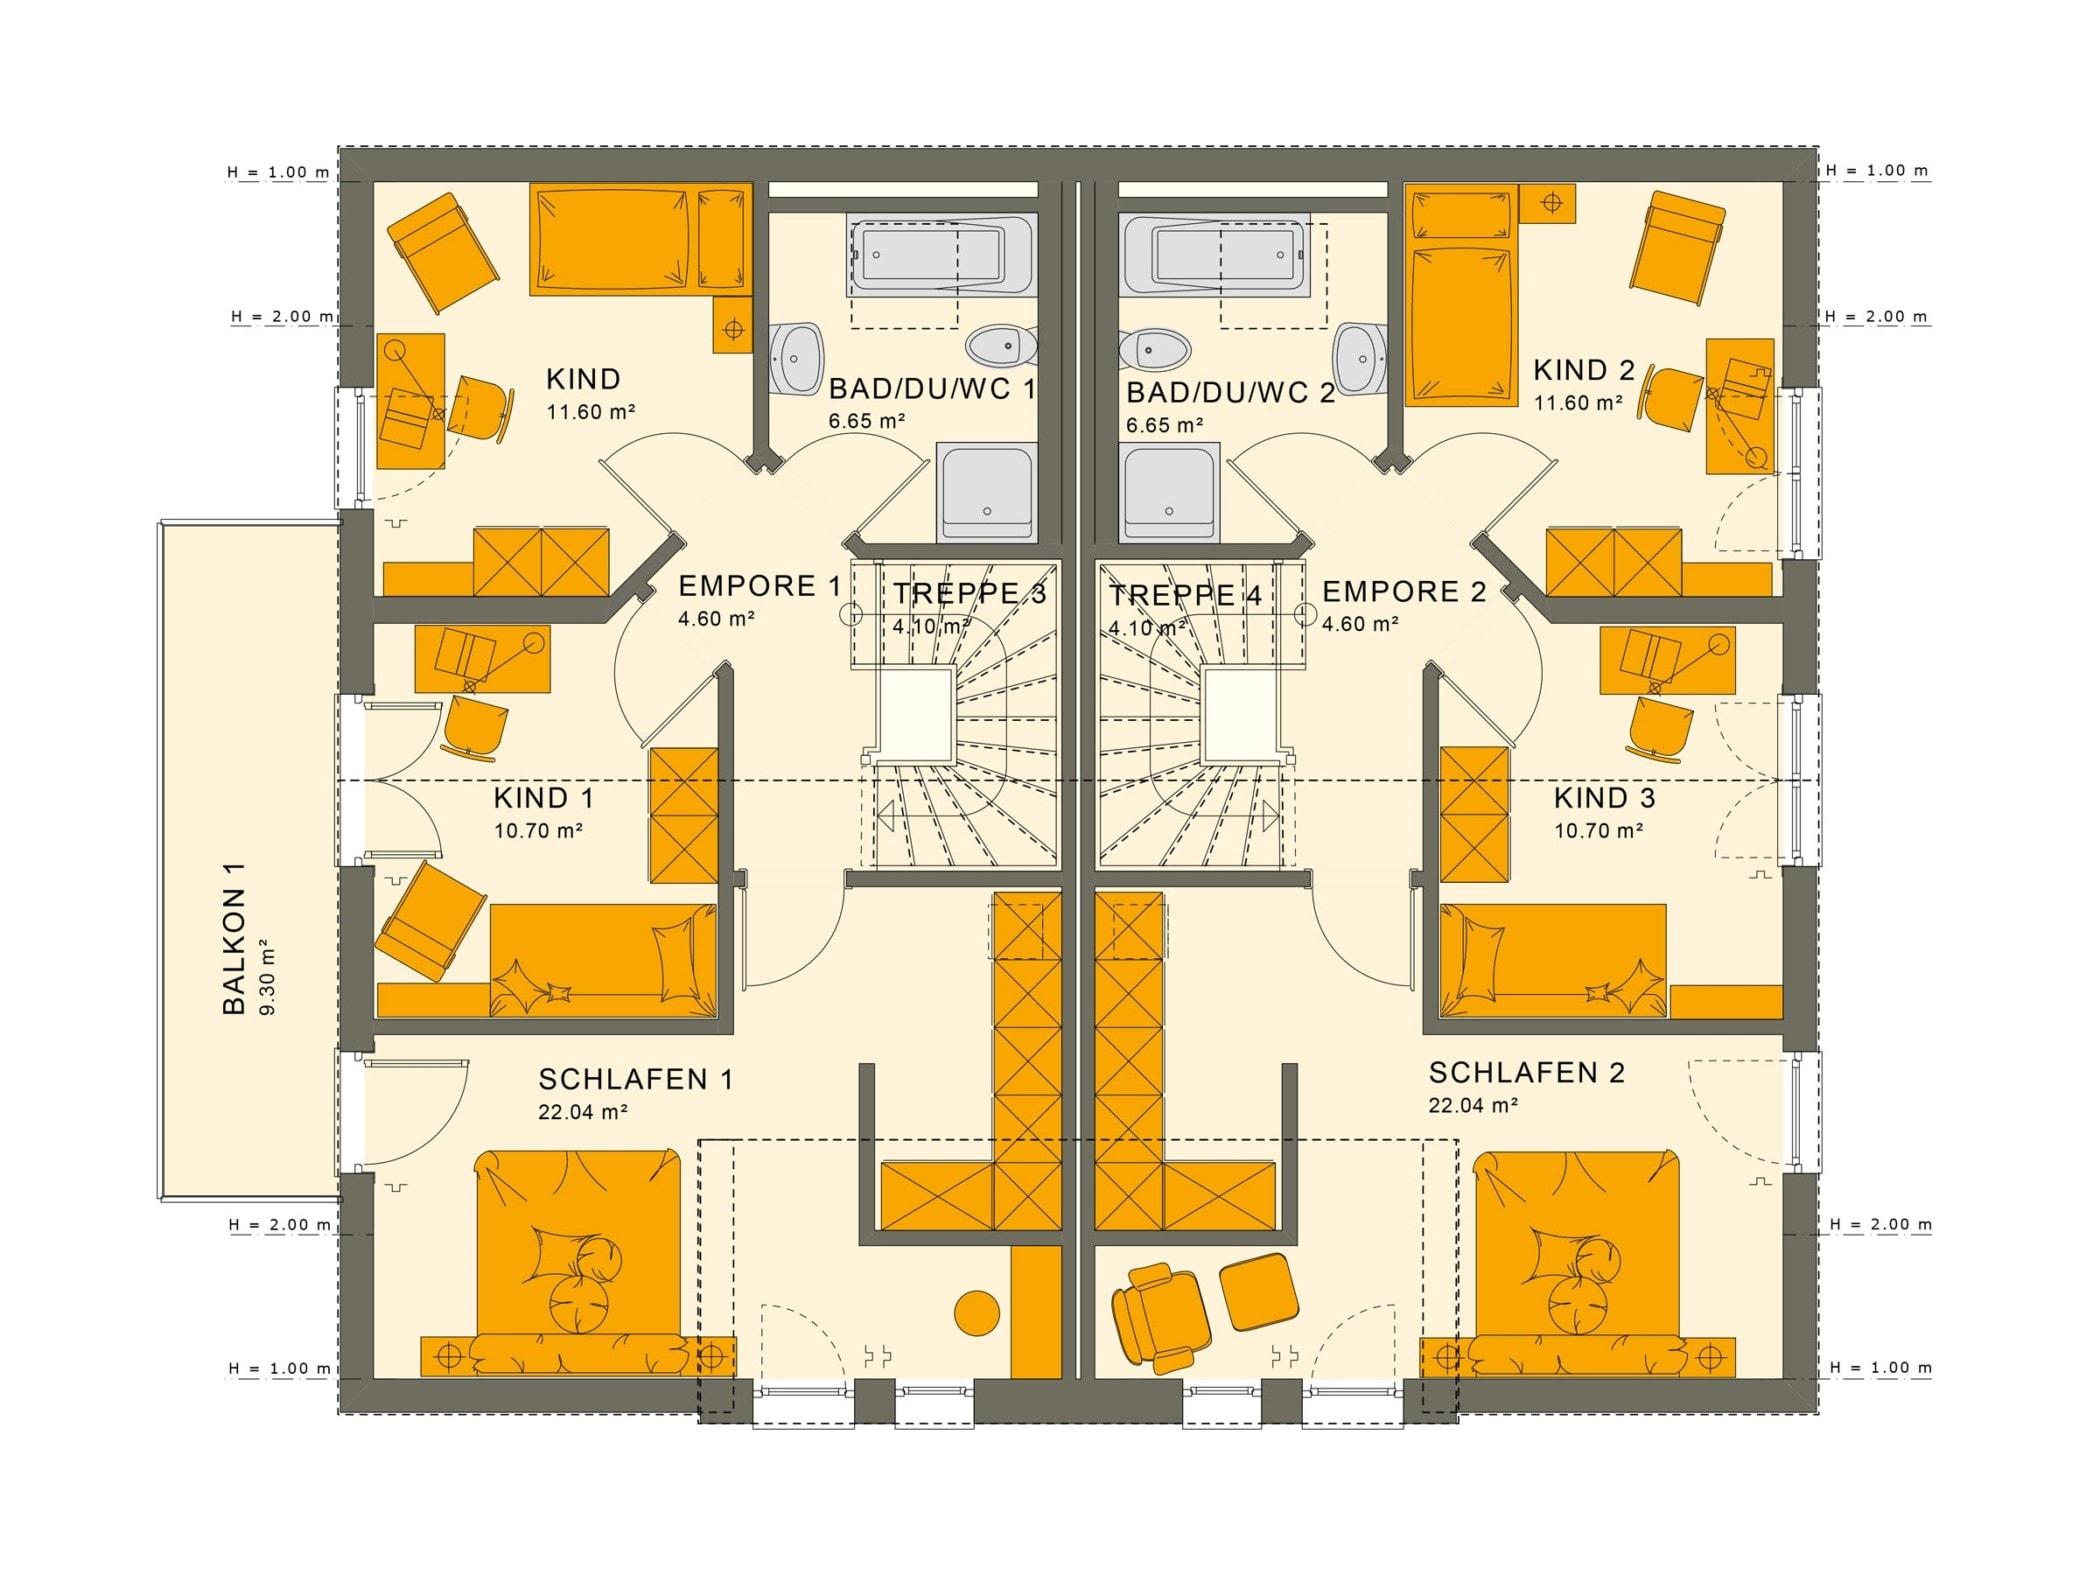 Zweifamilienhaus Grundriss nebeneinander Dachgeschoss mit Satteldach Architektur - Doppelhaushälfte bauen Ideen Fertighaus SOLUTION 242 V2 von Living Haus - HausbauDirekt.de